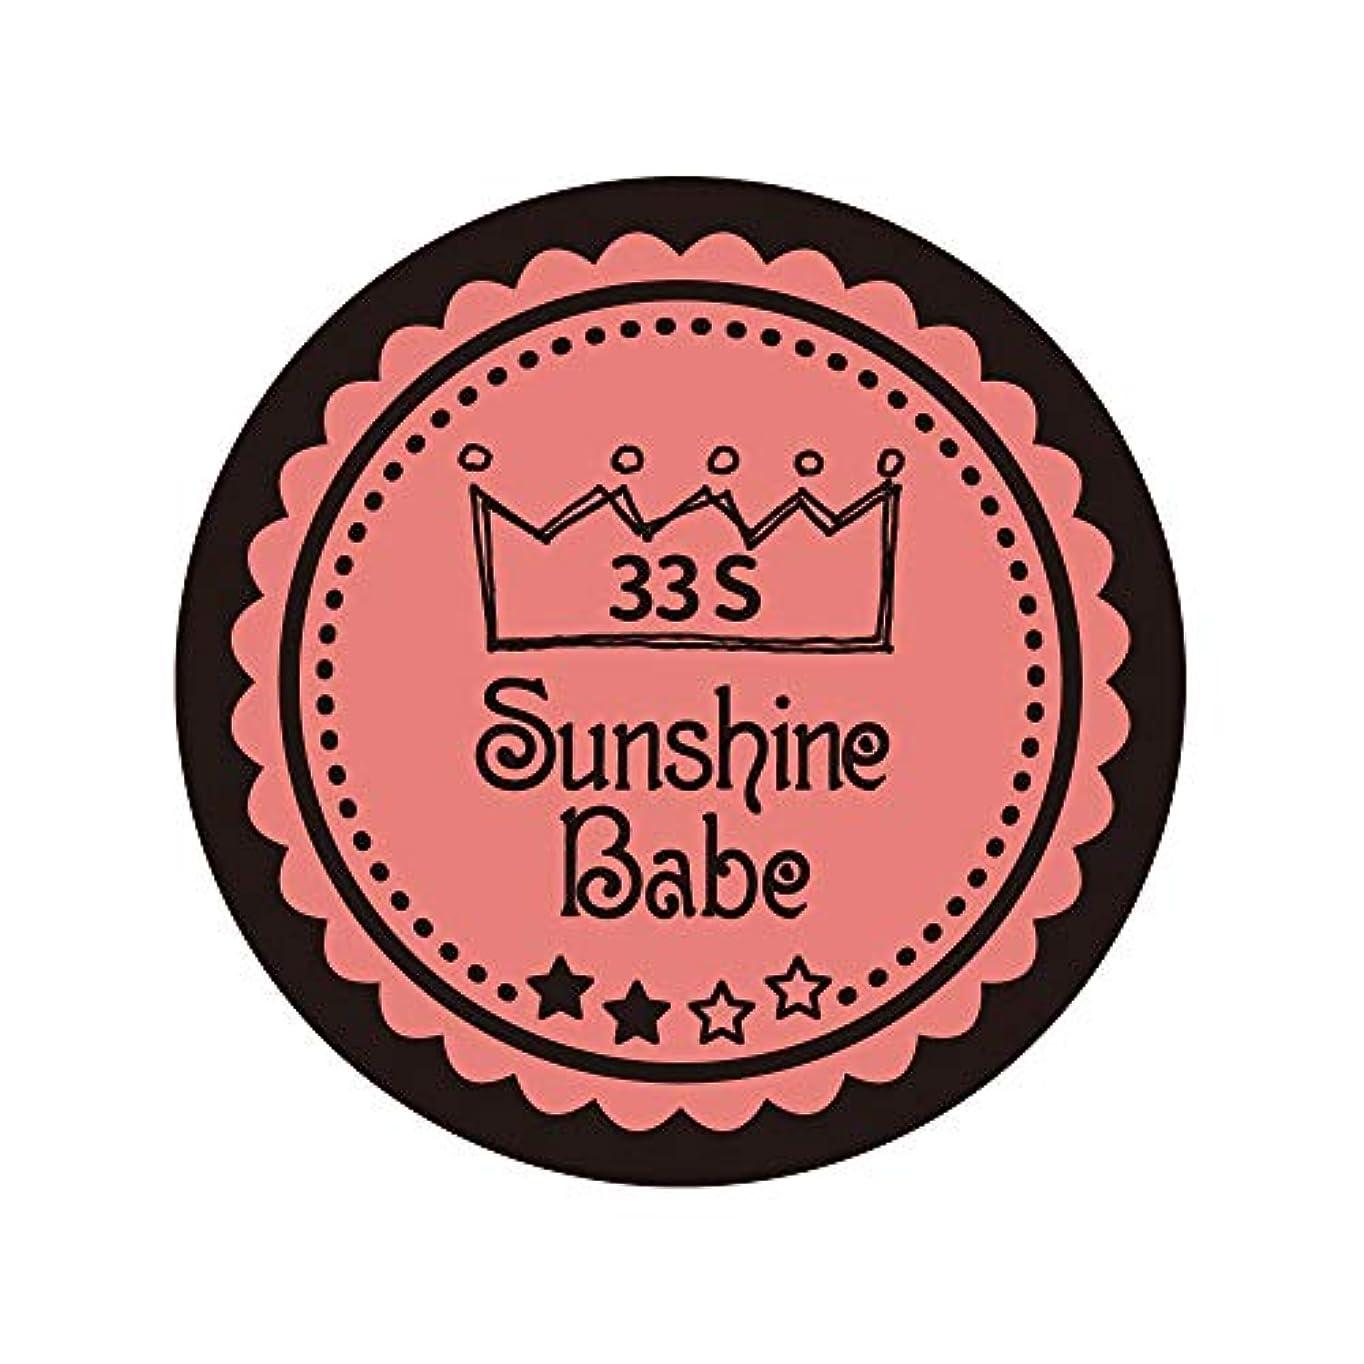 反毒減る卵Sunshine Babe カラージェル 33S ベイクドコーラルピンク 4g UV/LED対応